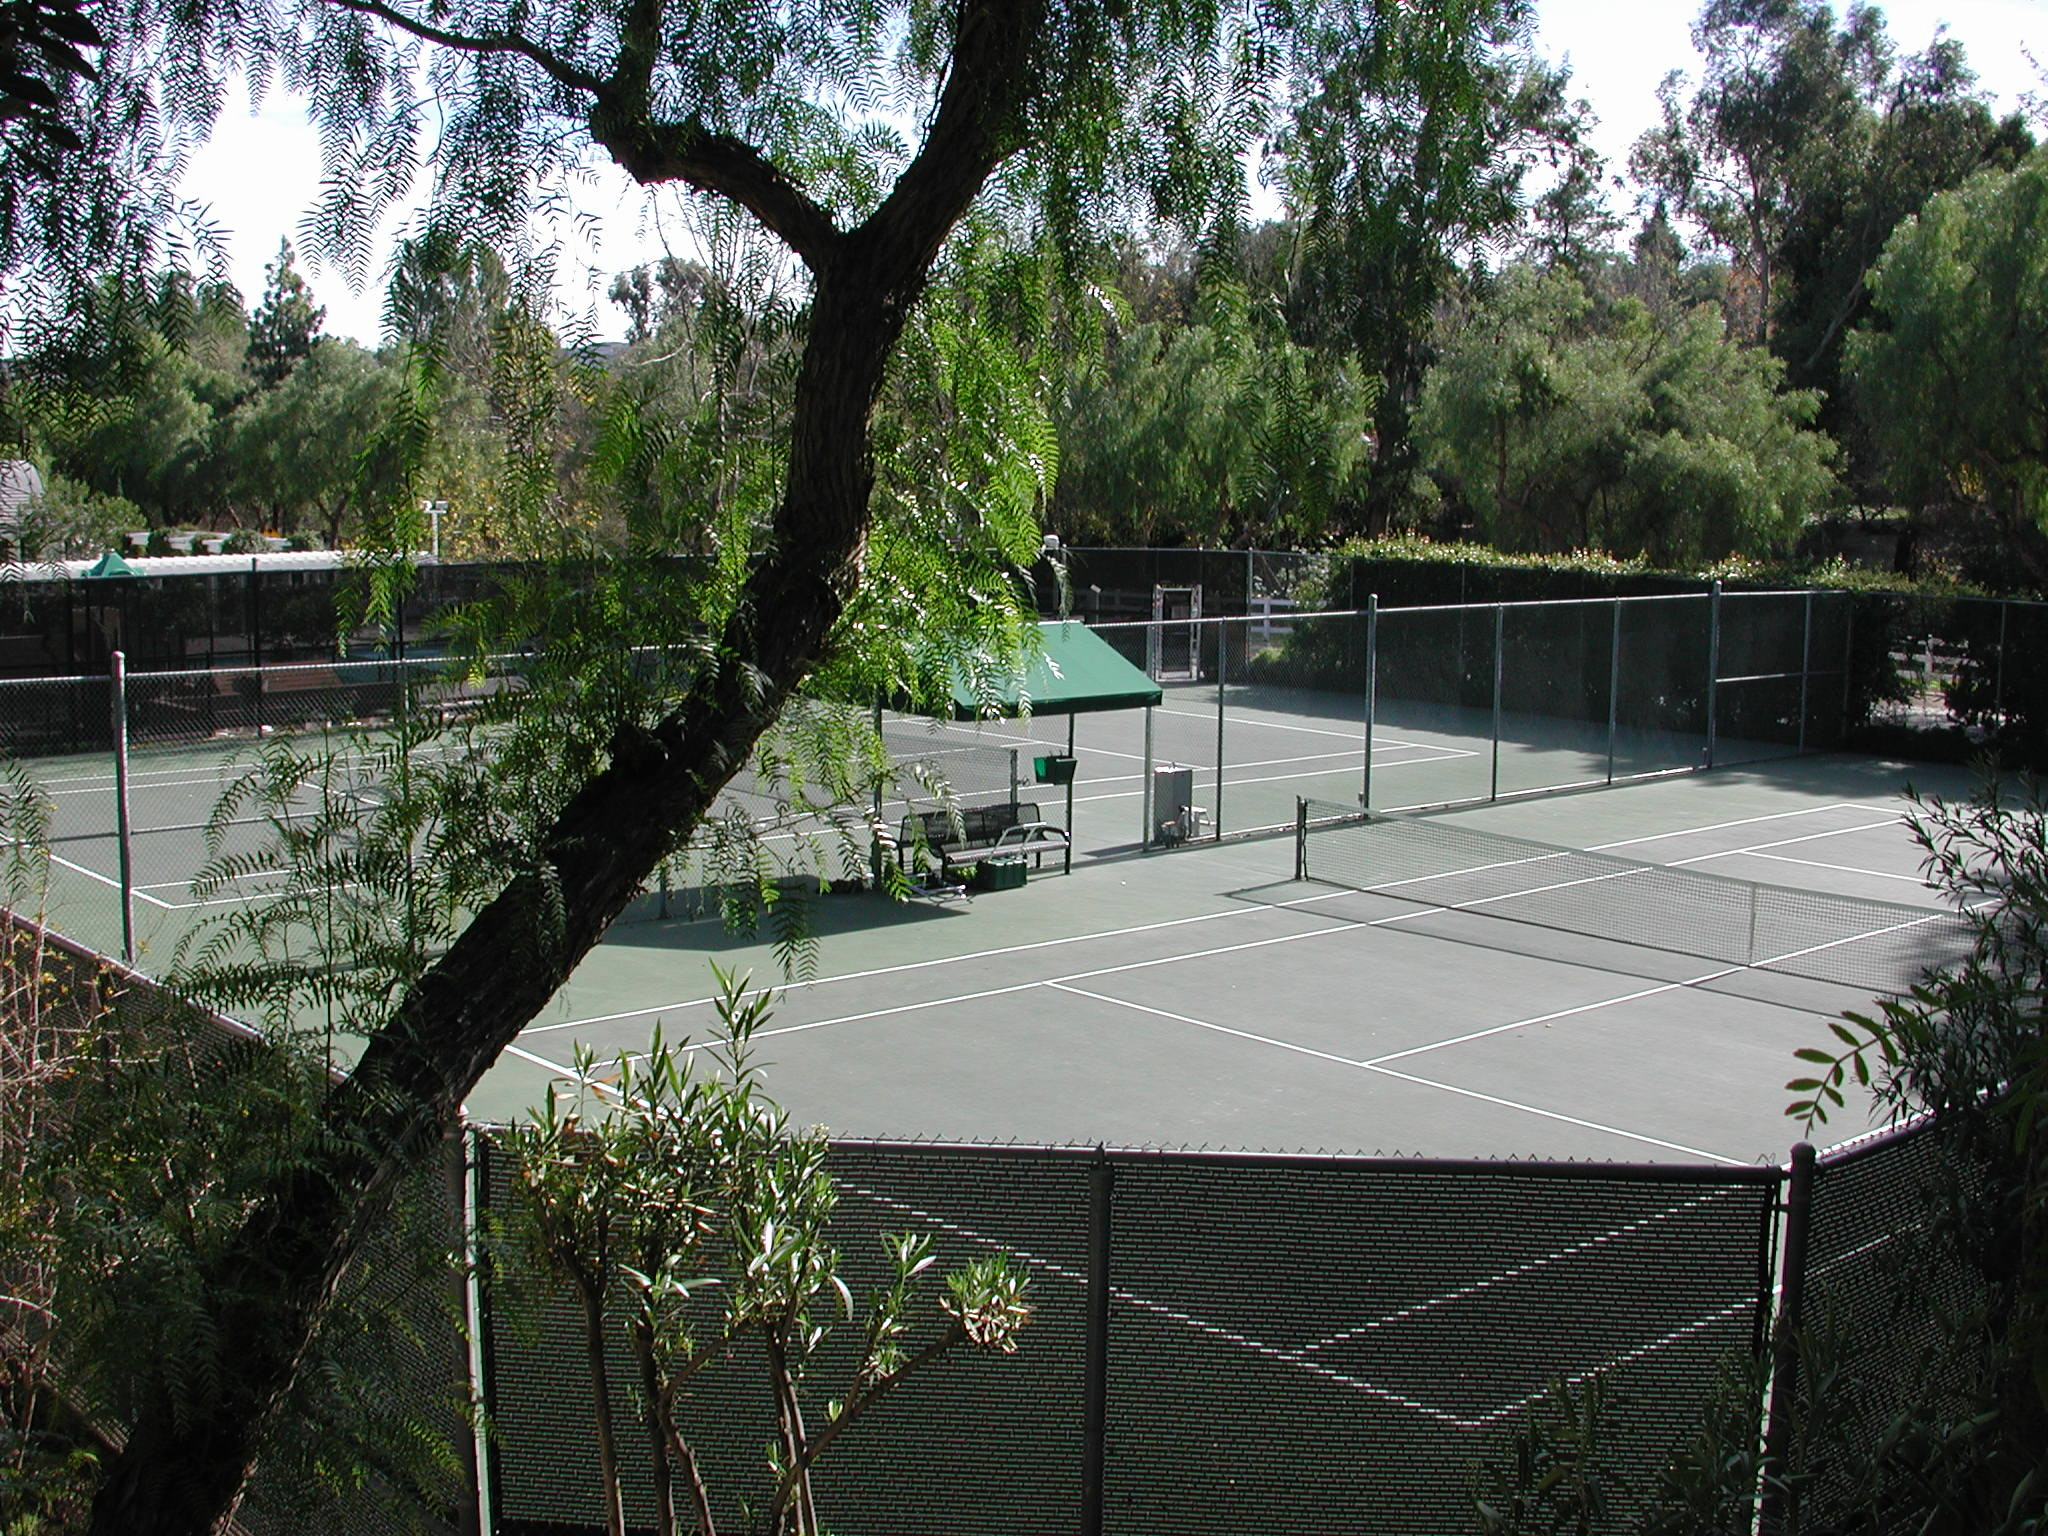 community center tennis courts best (1).JPG